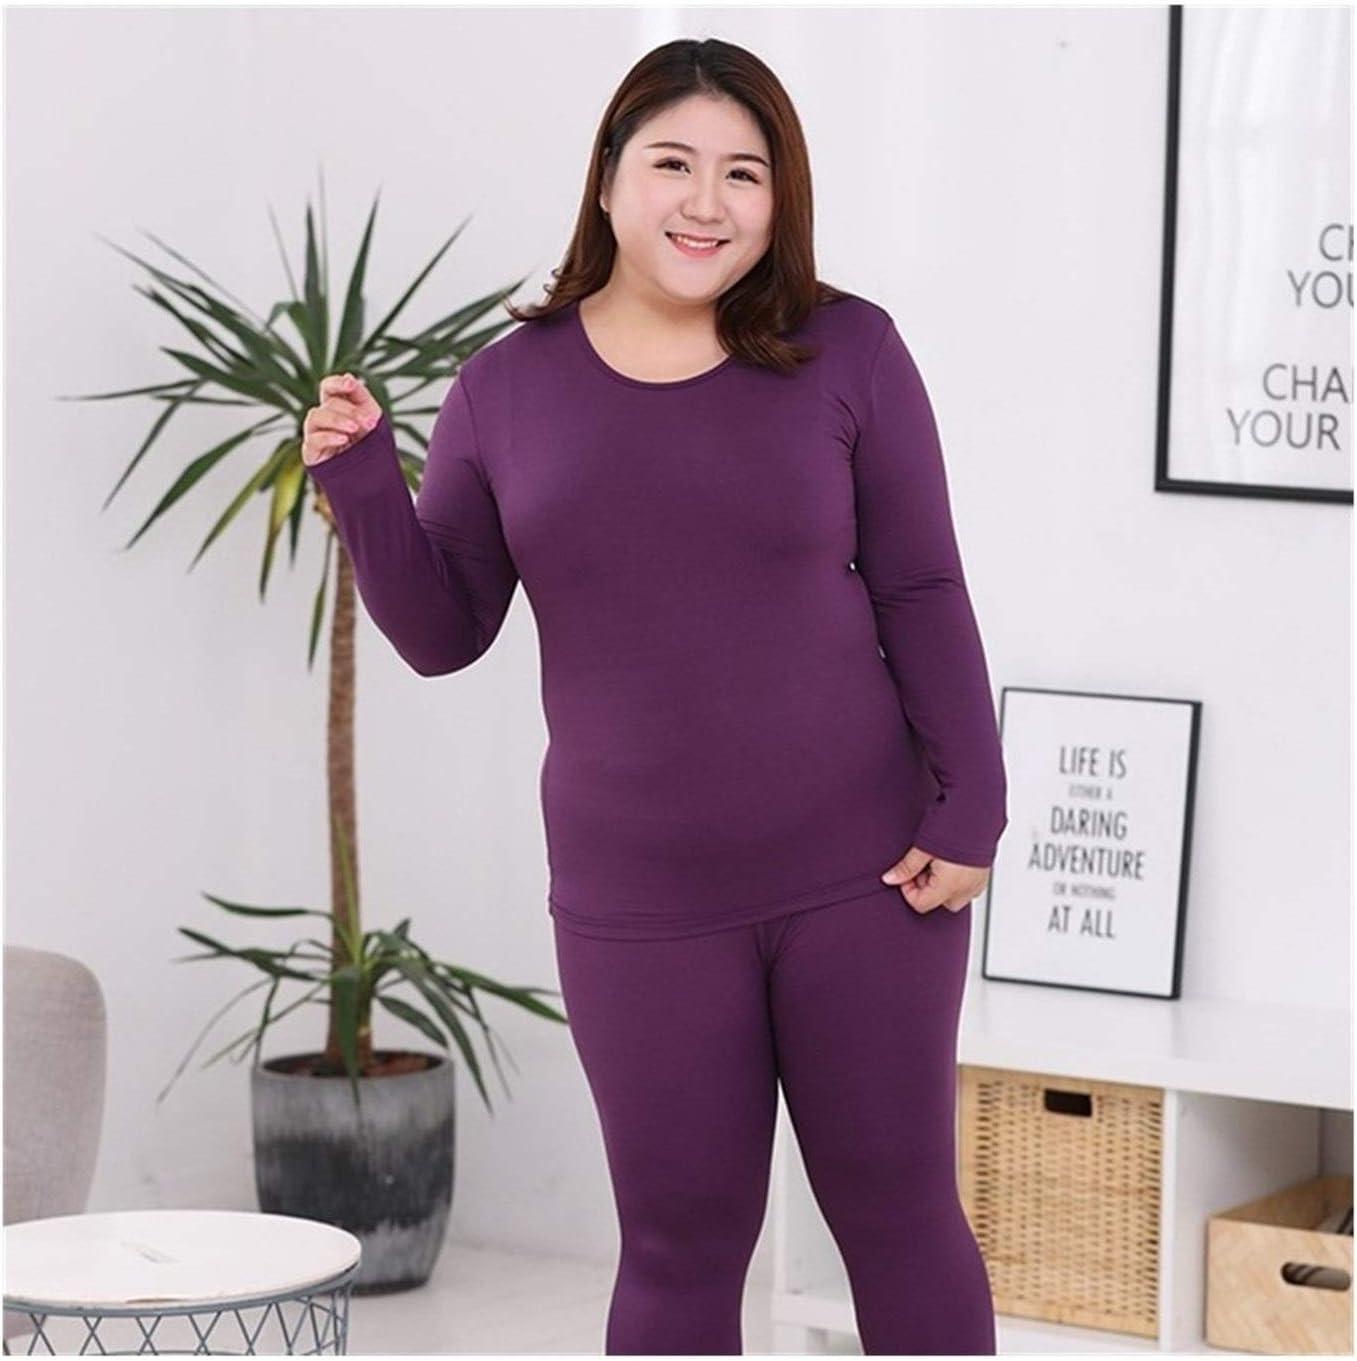 QWERBAM Plus Size Women Thermal Underwear Suits Fiber Super Elastic Warm Sets Oversize Winter Clothing L-6XL (Color : Purple, Size : 5XL.)